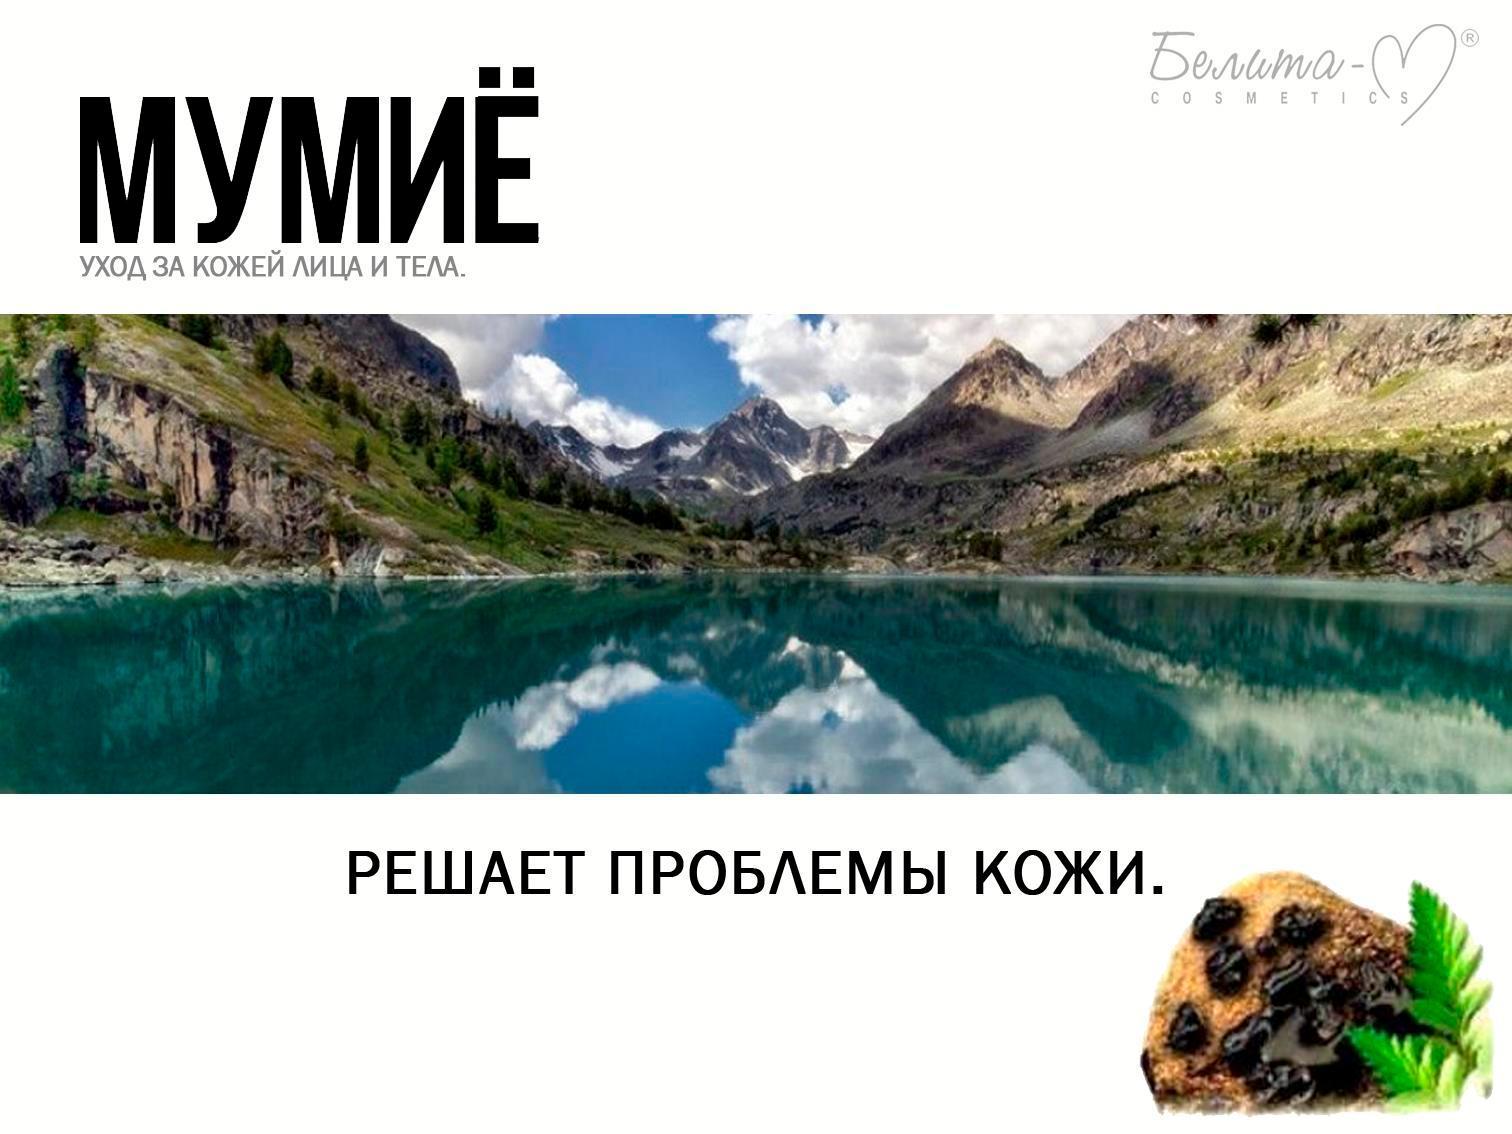 Мумие - Белита-М